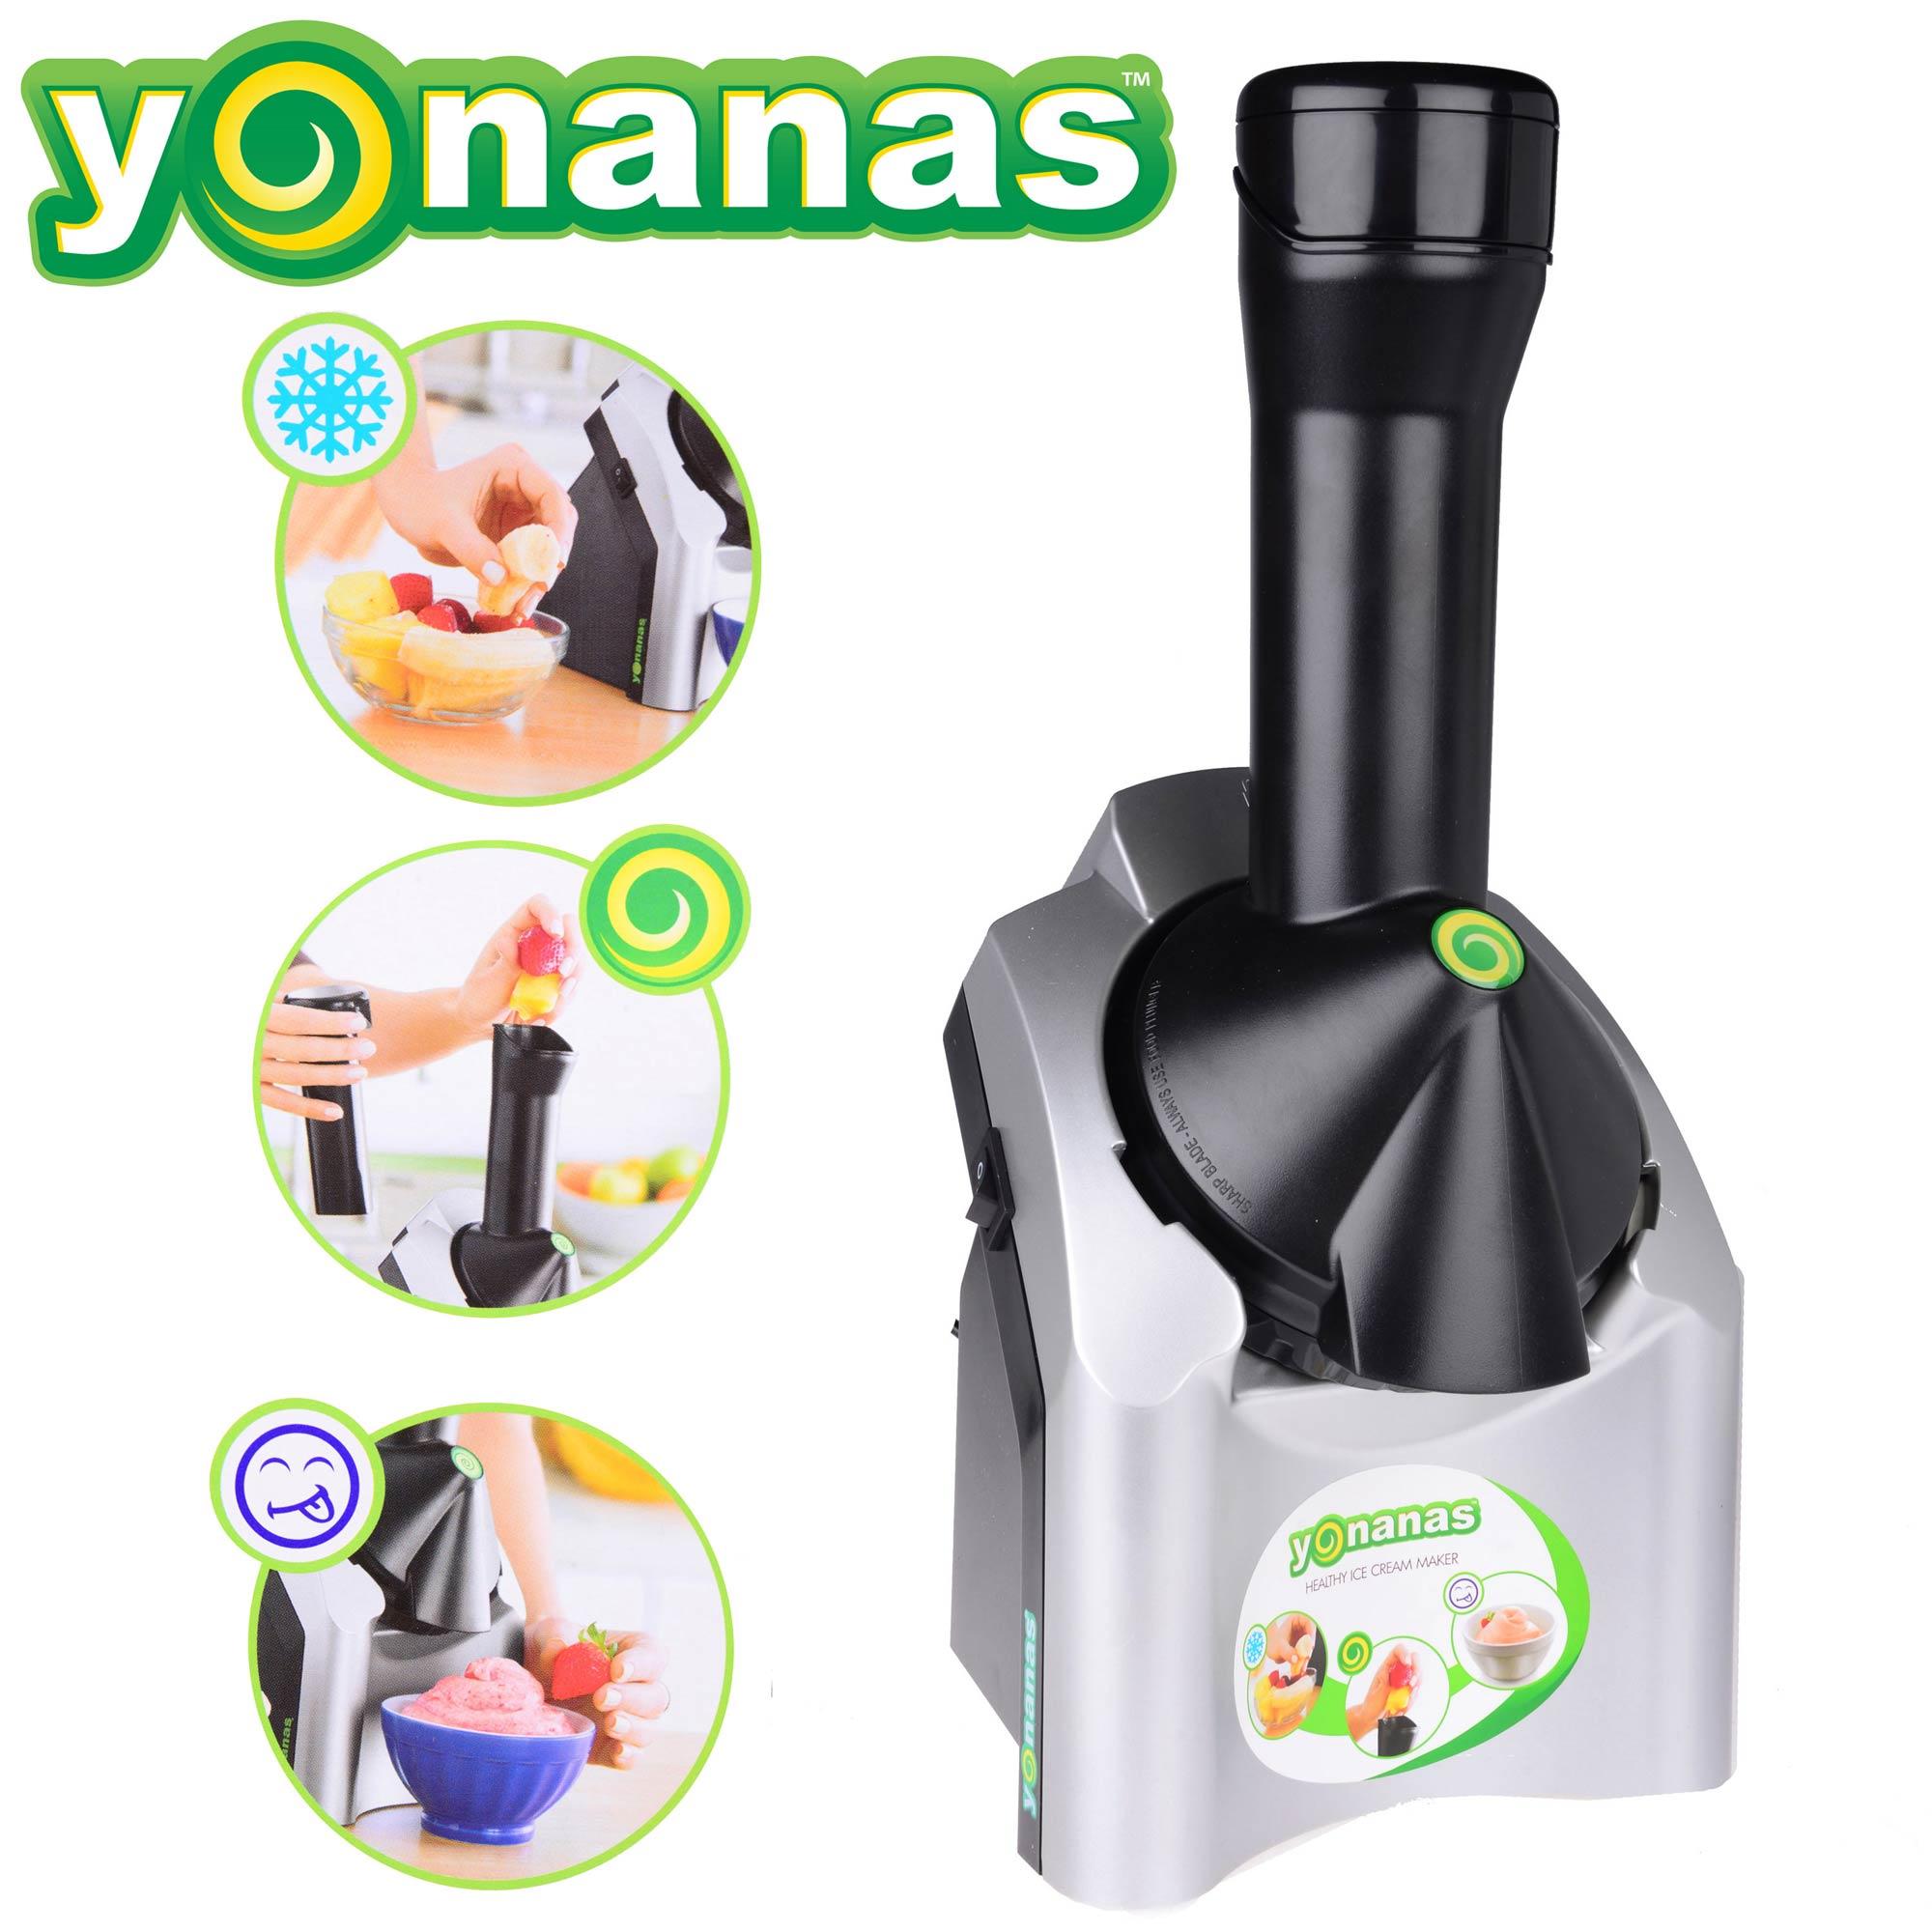 Máy làm kem trái cây Yonanas là 1 giải pháp an toàn, bảo đảm sức khỏe cho các thành viên trong gia đình